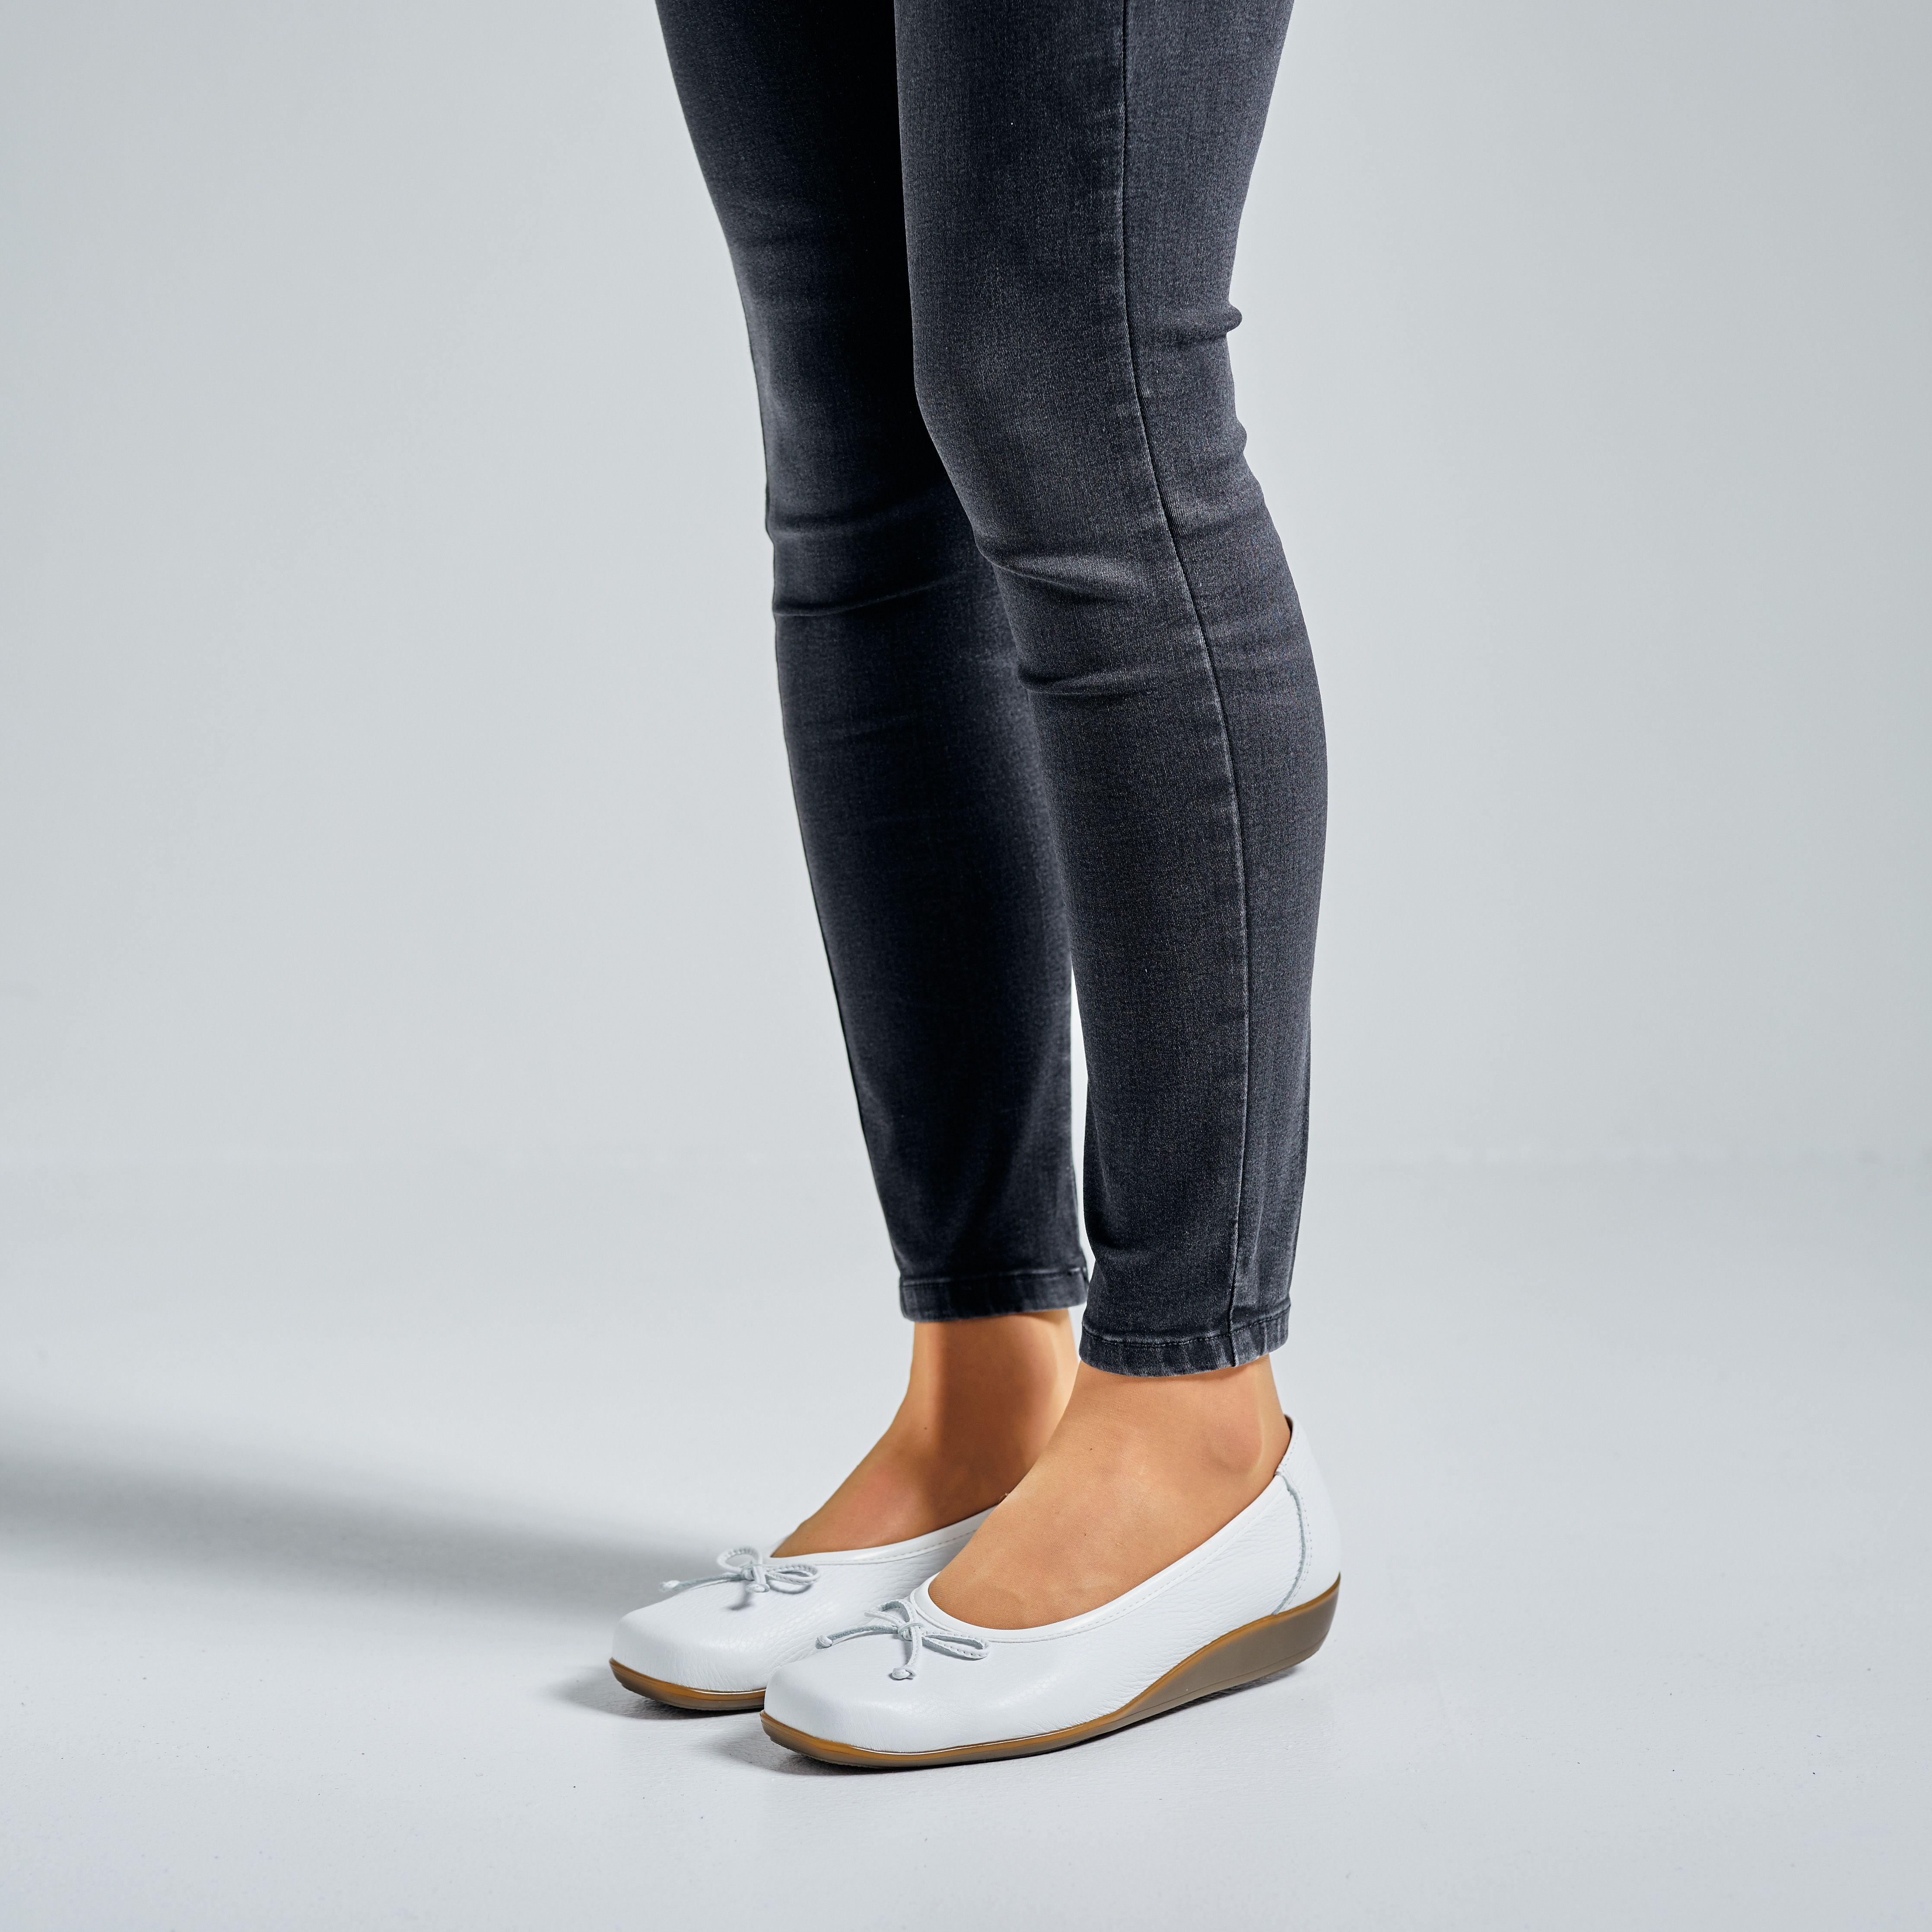 Pin Von Vitaform Official Auf Vitaform Ballerina Leder Schuhe Und Ballerina